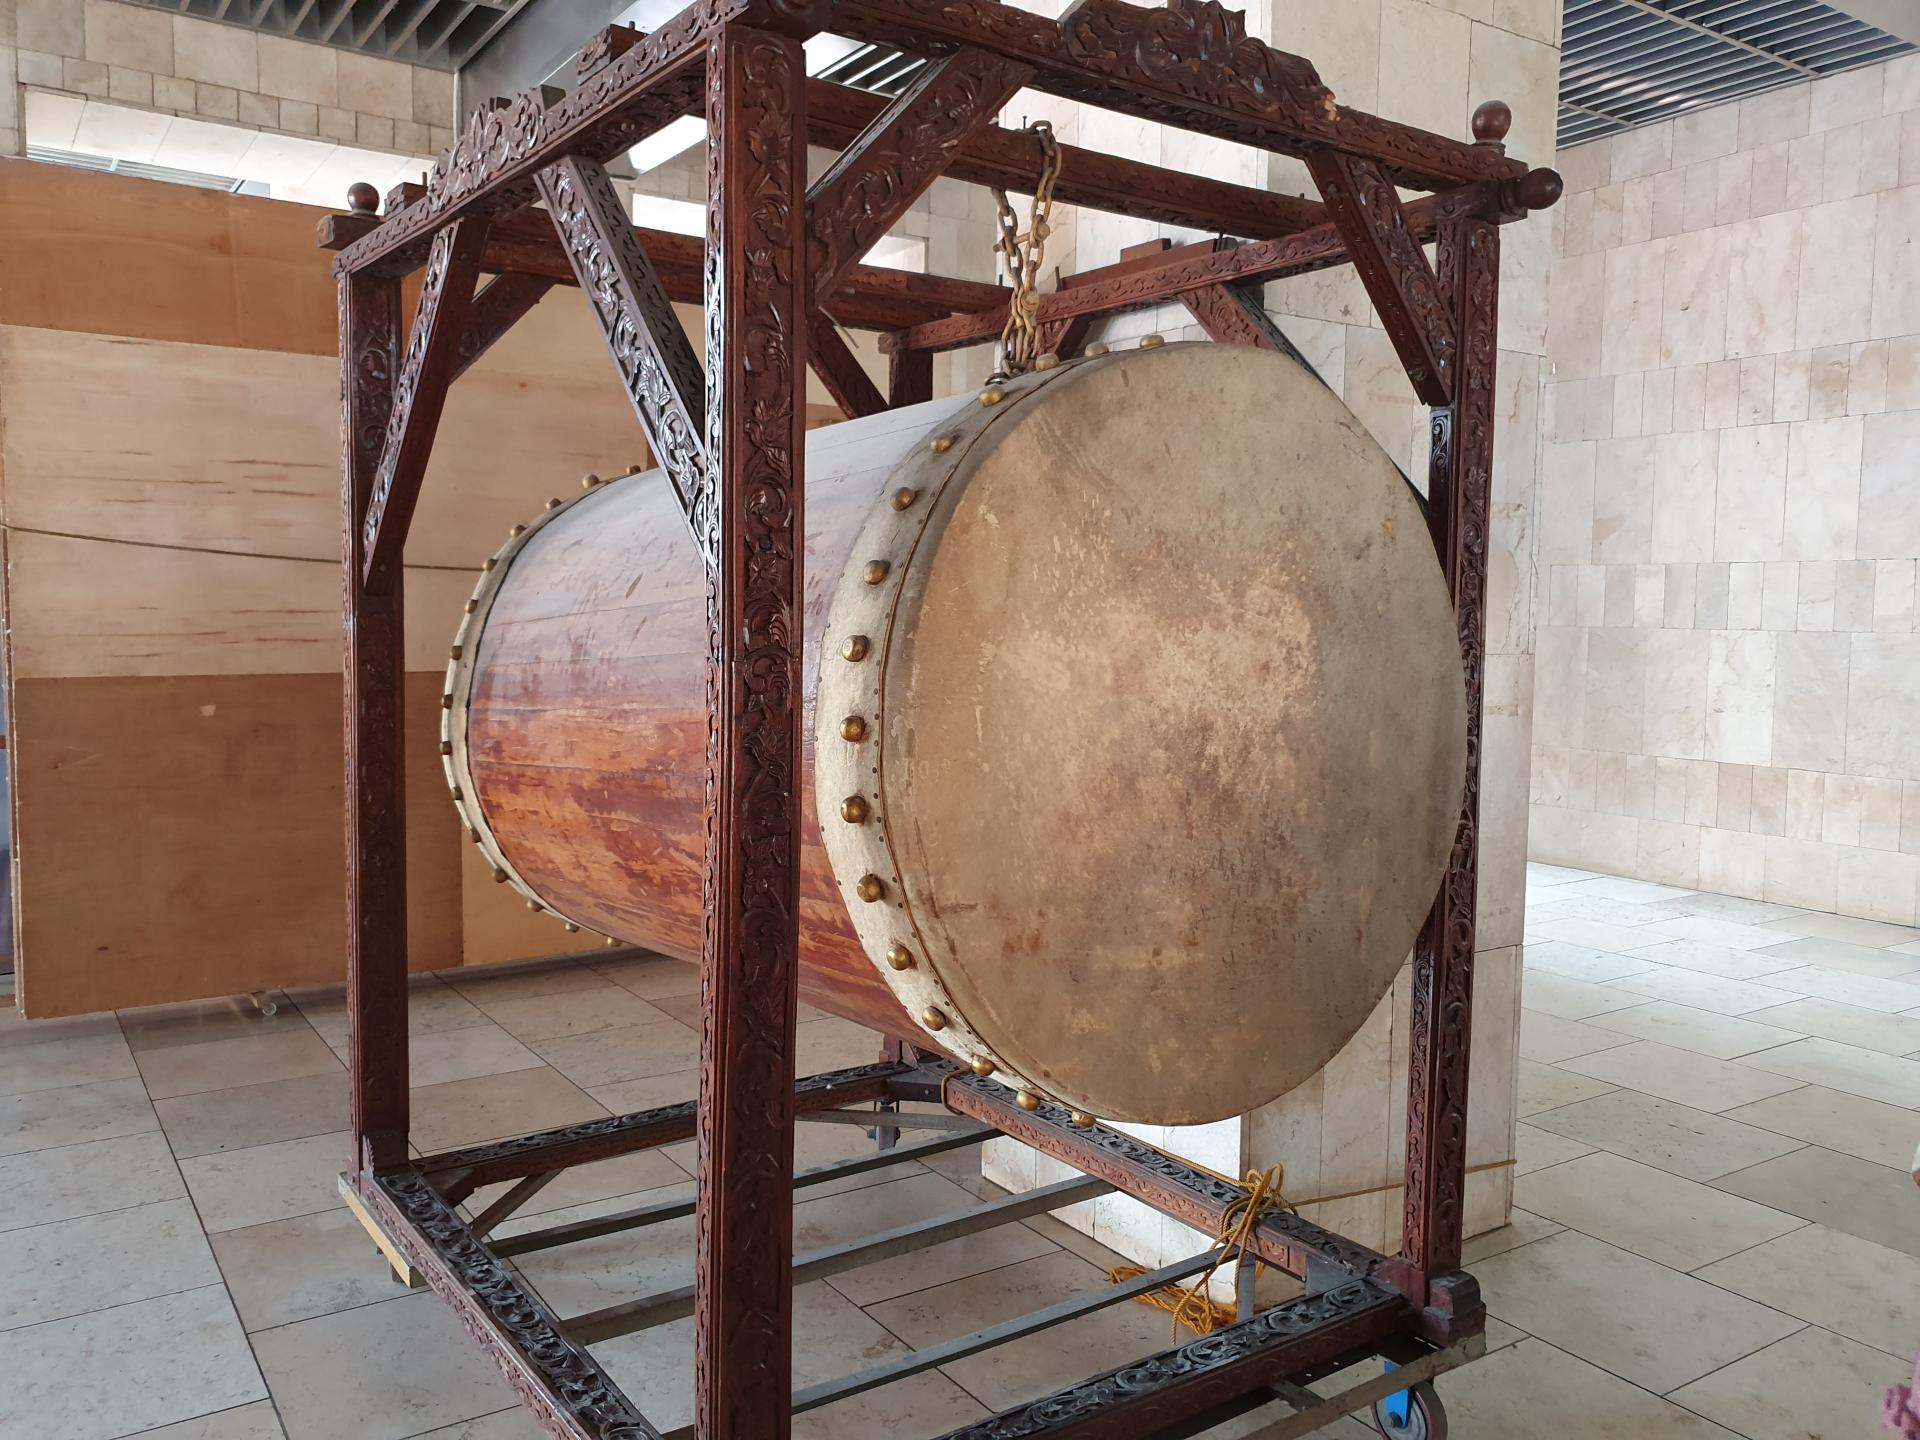 барабан в мечети Истикляль, Джакарта